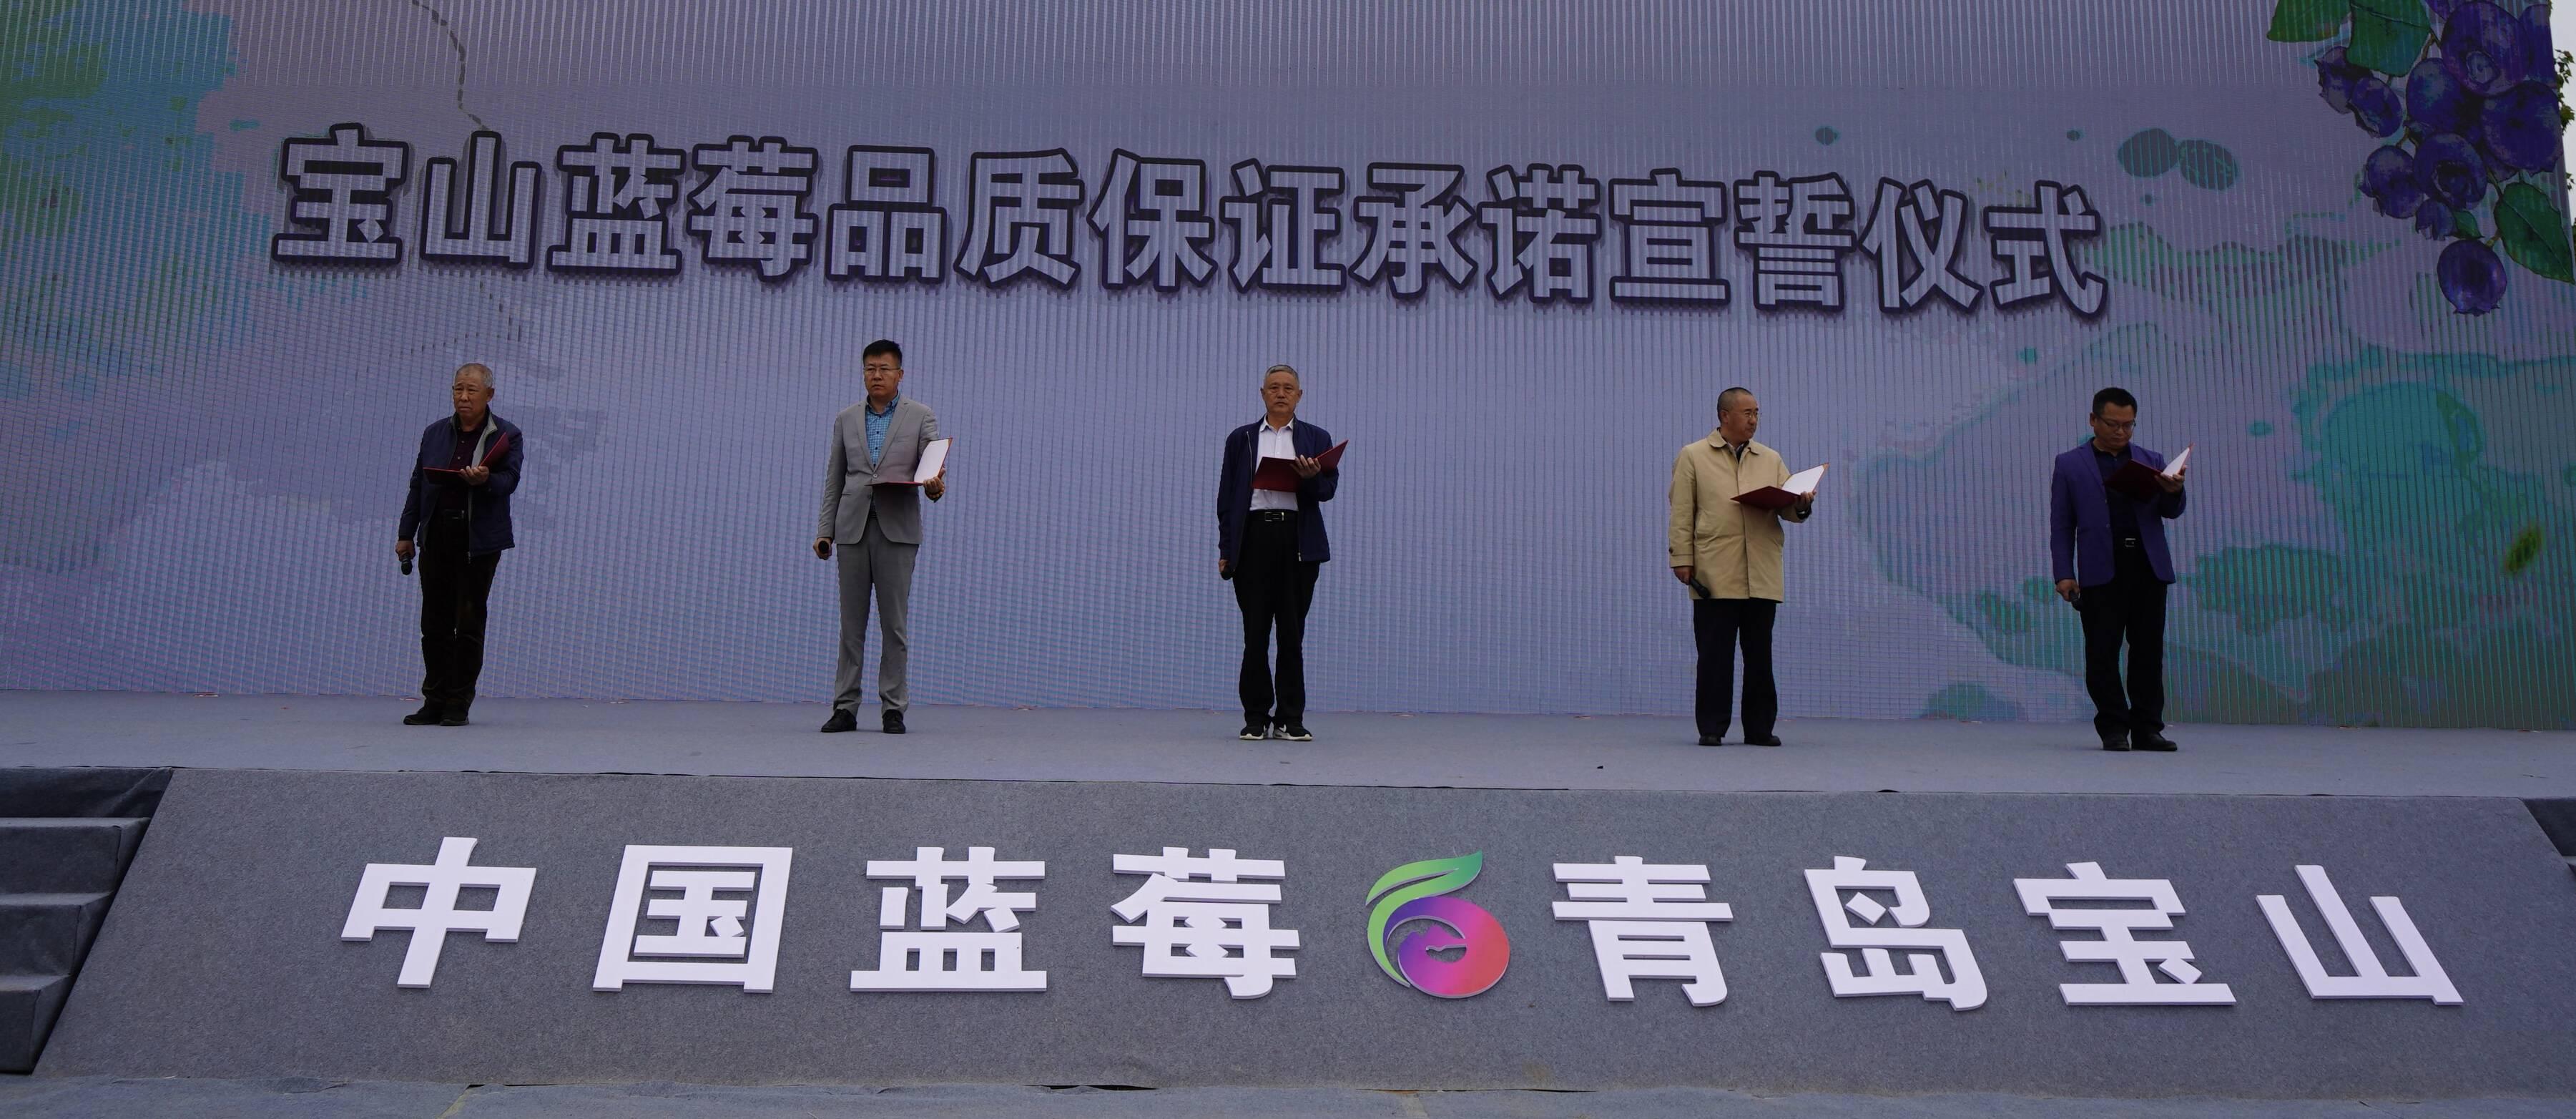 宝山蓝莓品质保证承诺宣誓仪式(记者 李凤仪 摄)